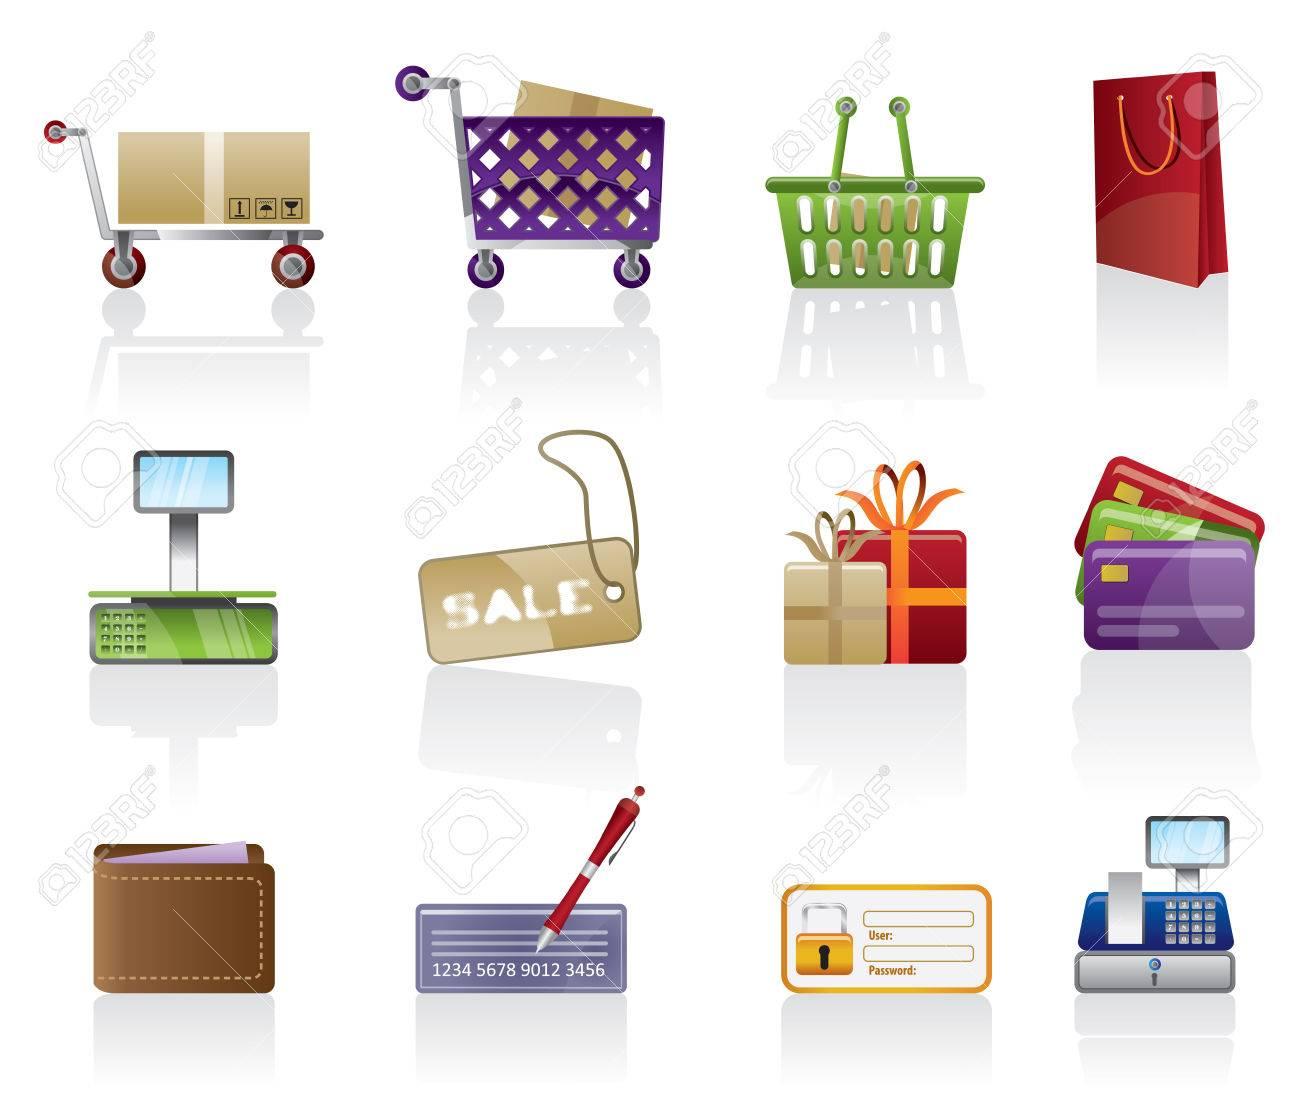 Shop icon set Stock Vector - 4966550